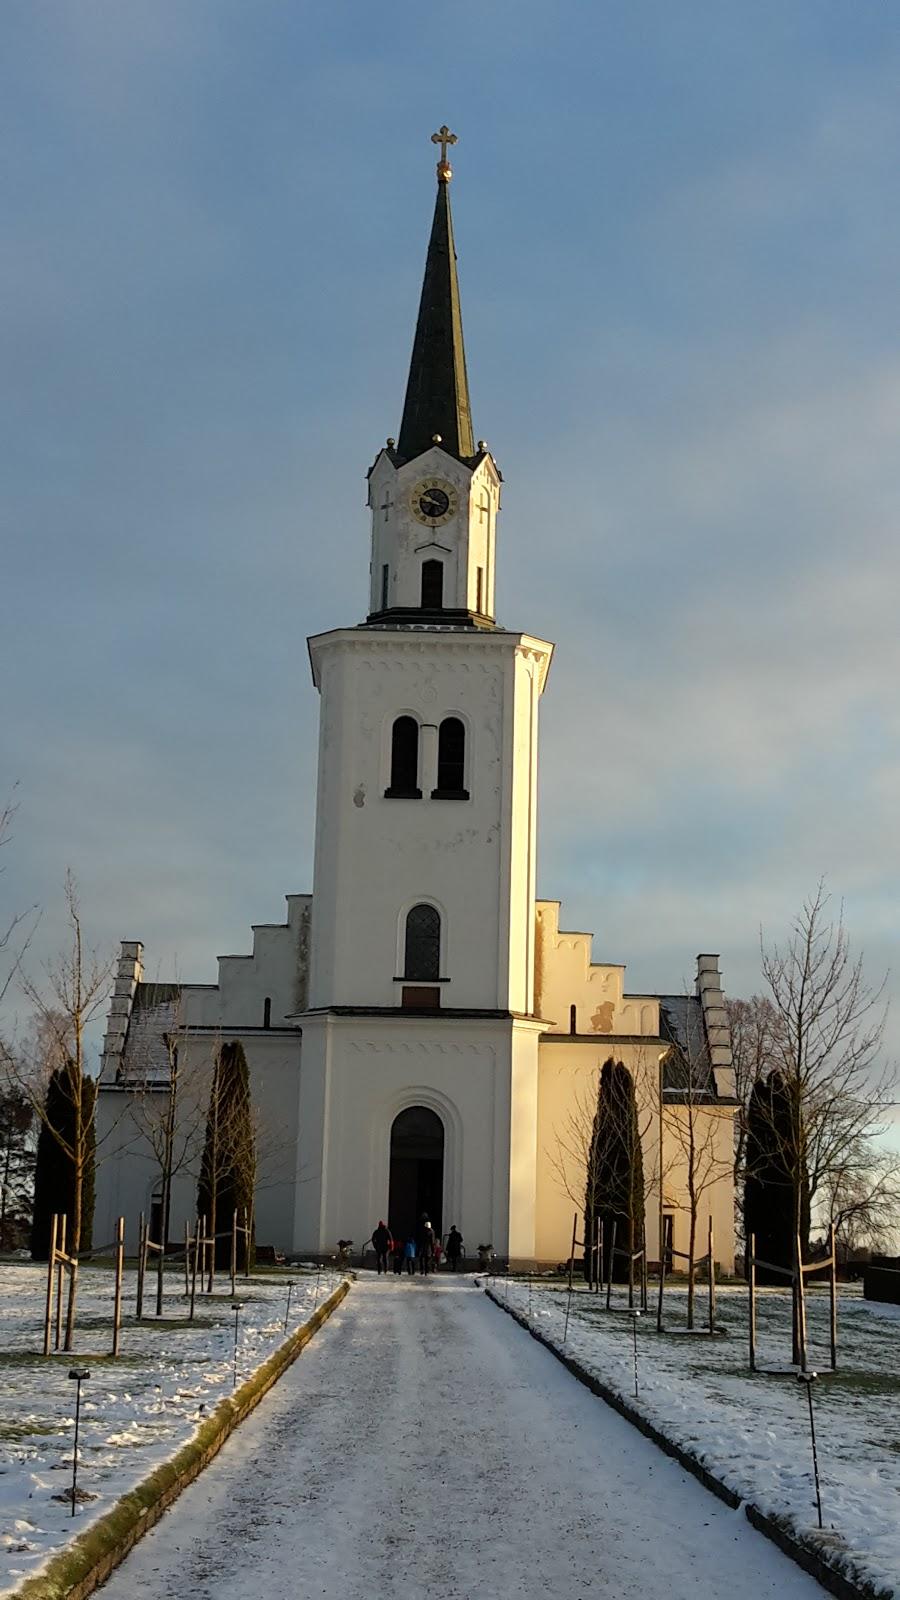 Risinge kyrka